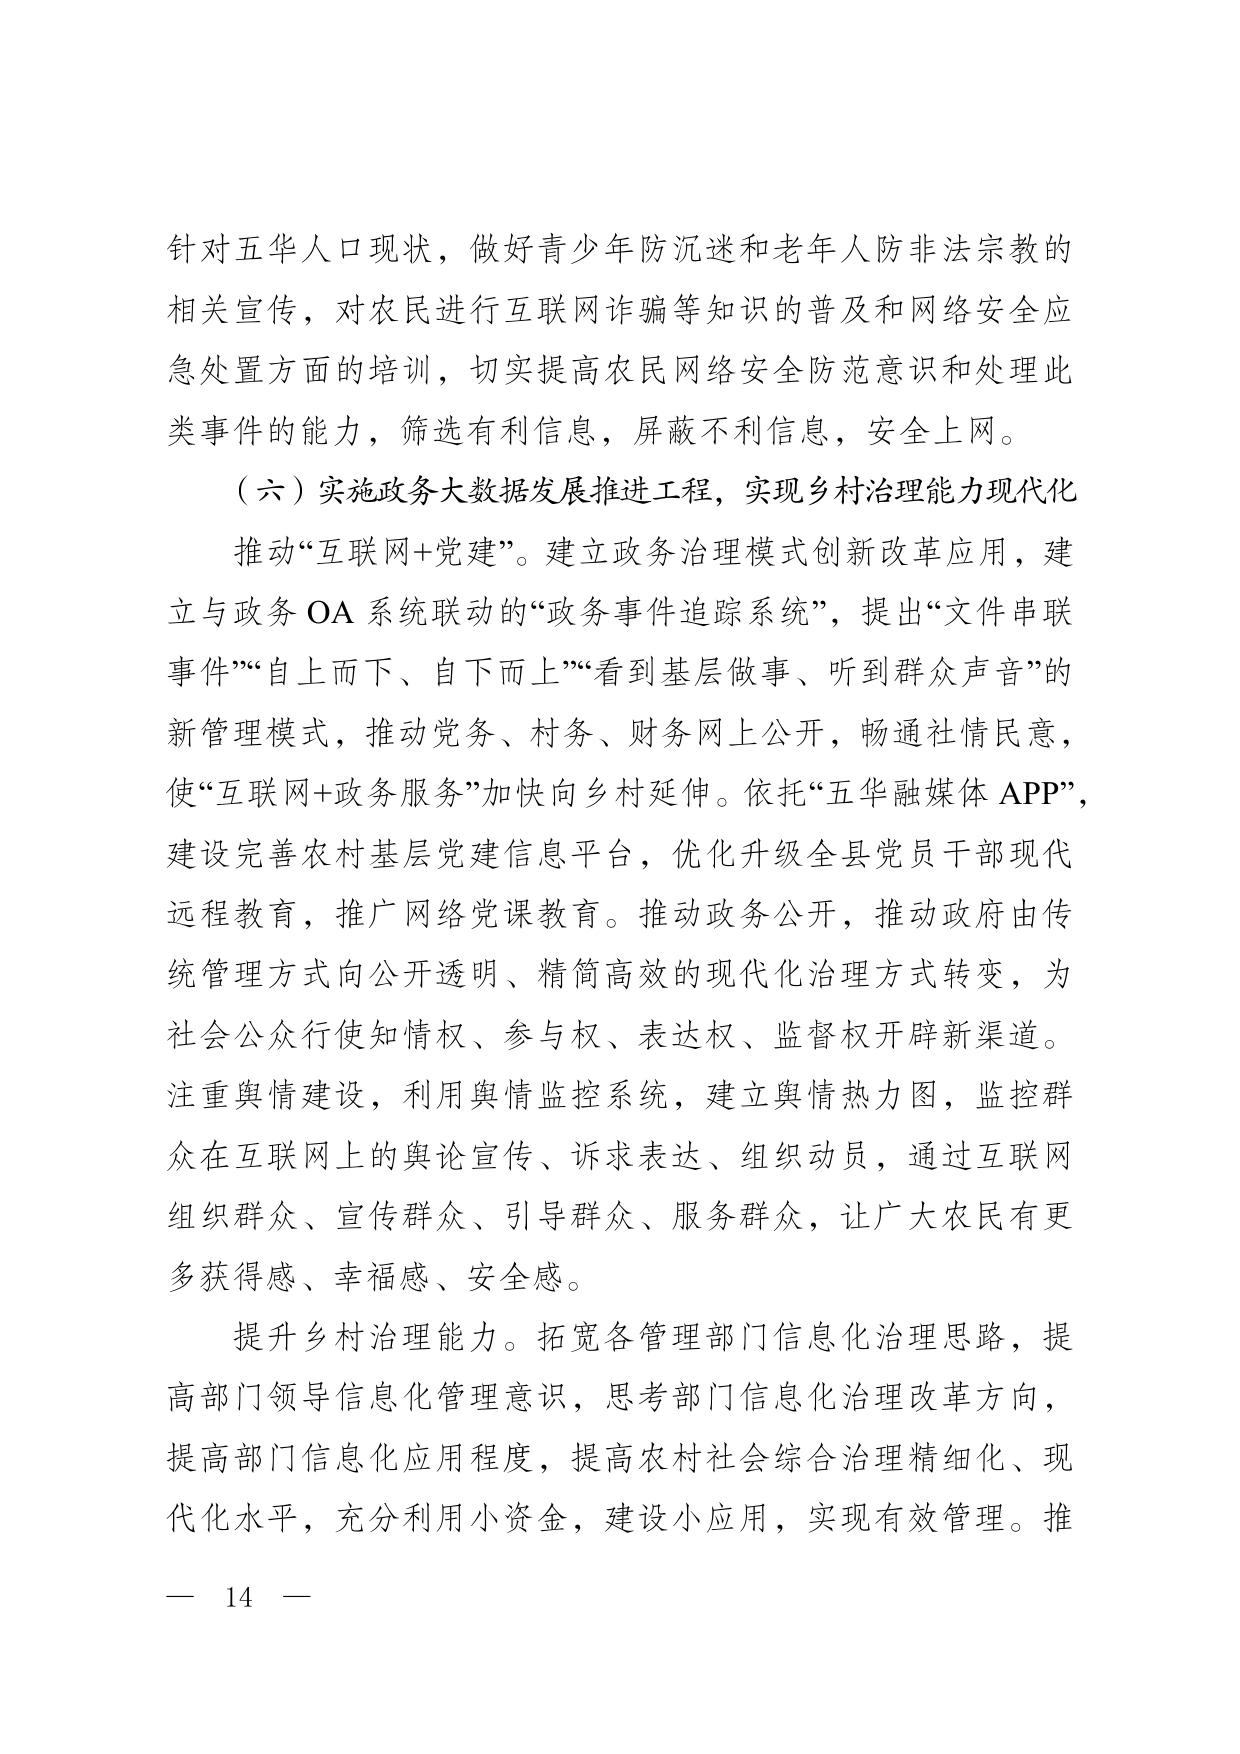 华办函〔2020〕5号关于印发《五华县数字乡村发展总体规划(2020—2025年)》的通知0013.jpg